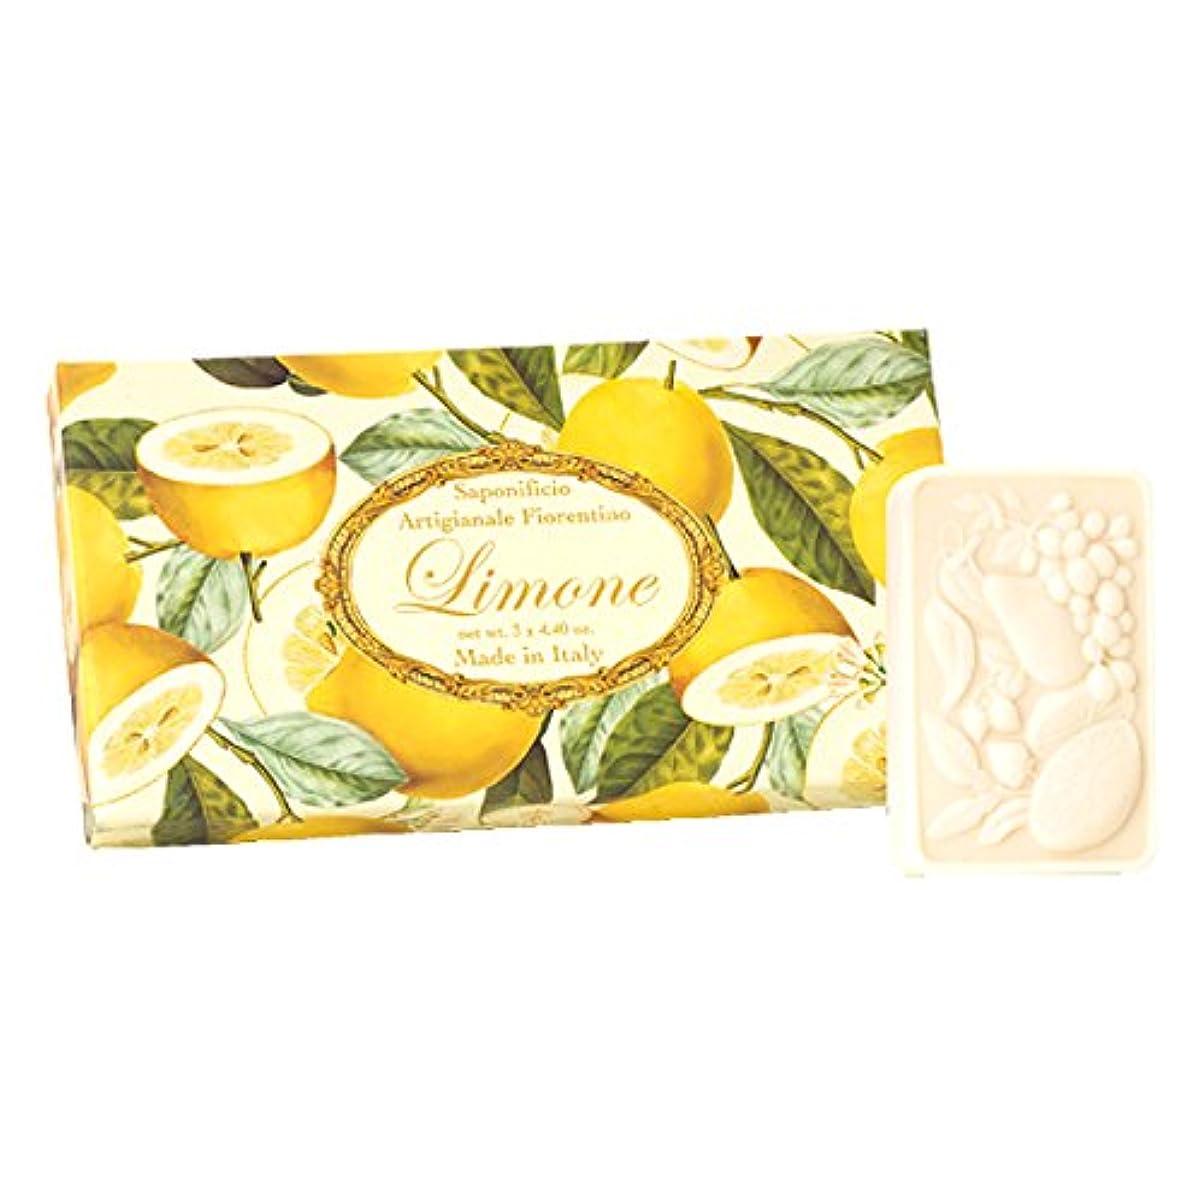 外交官夜明け不和フィレンツェの 長い歴史から生まれたこだわり石鹸 レモン【刻印125g×3個セット】